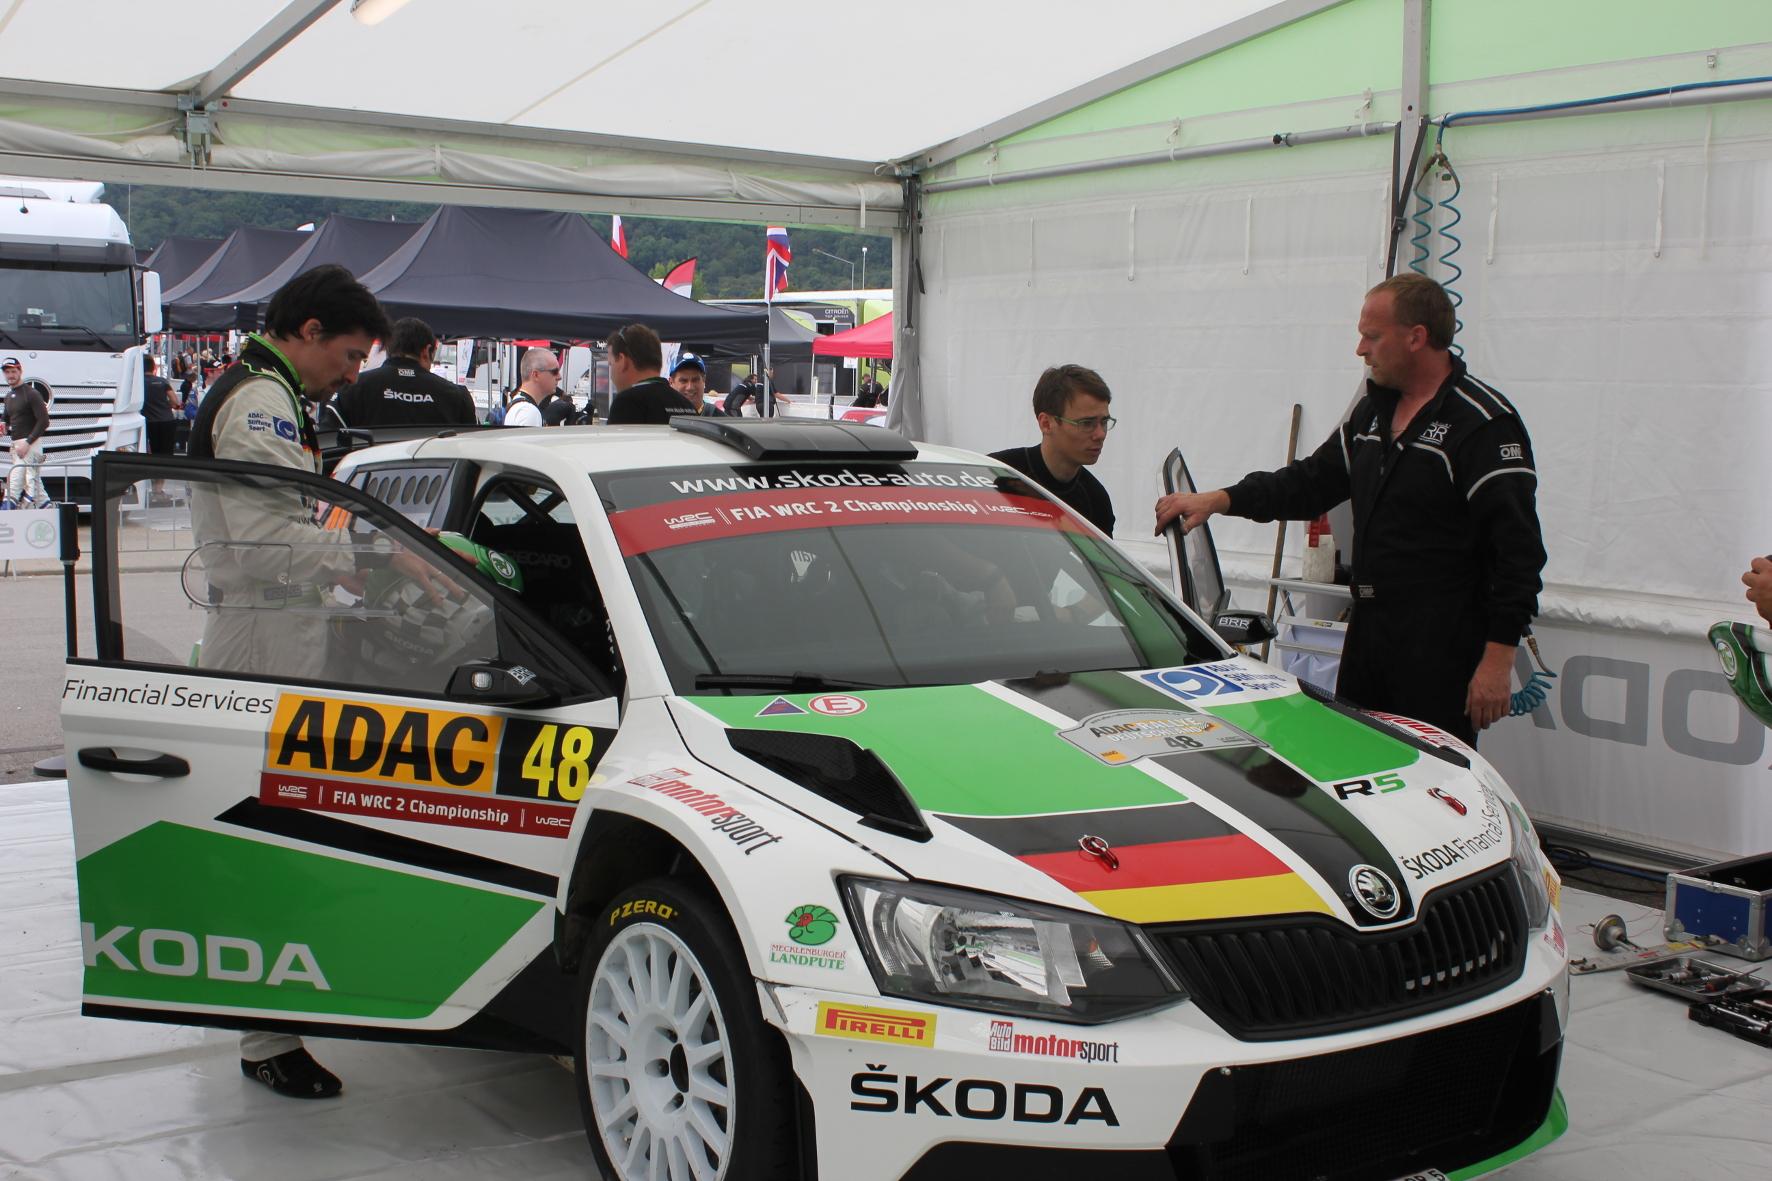 Alles wieder gut: Widi Wiedenhofer übergibt den reparierten Wagen an das Fahrer-Duo.